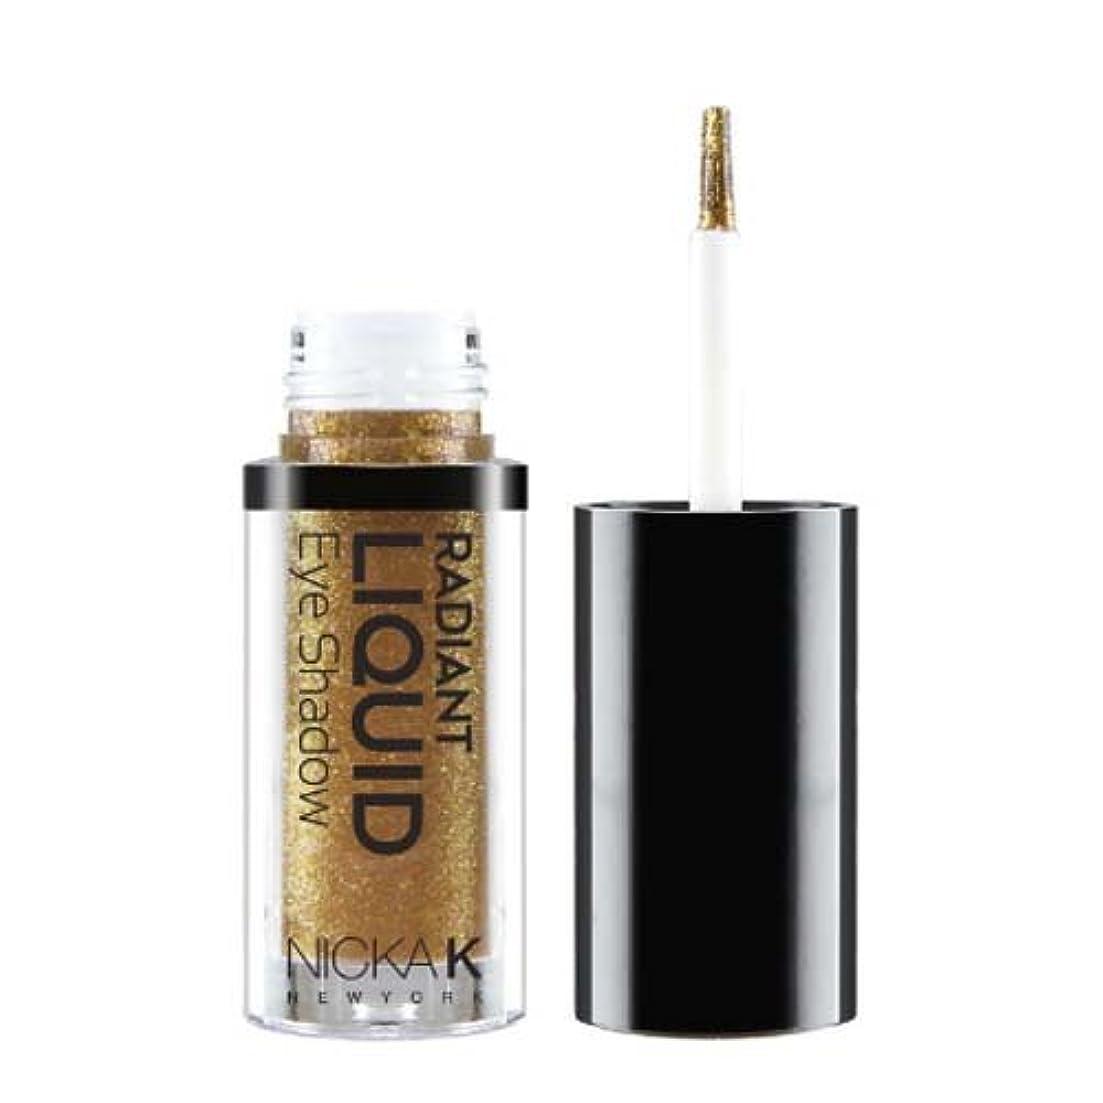 パンフレット沈黙ほとんどの場合NICKA K Radiant Liquid Eye Shadow - Golden Gemma (並行輸入品)